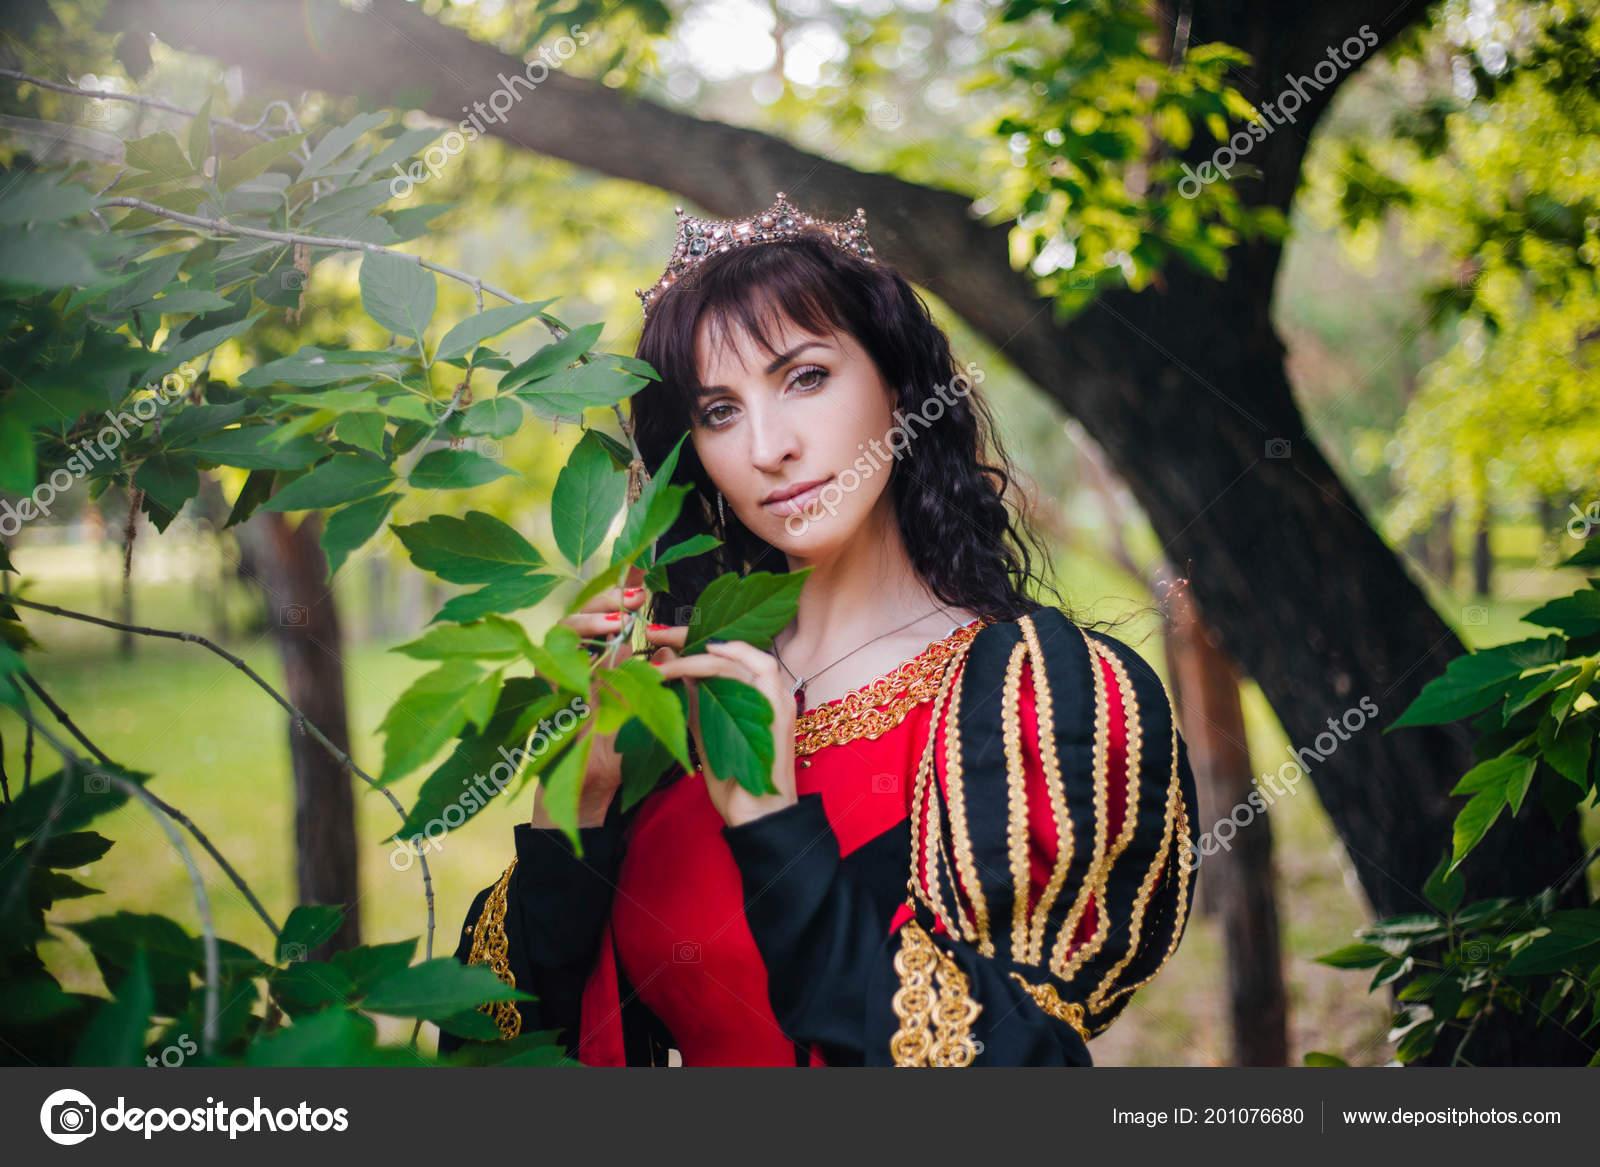 c81ca8c1371 Reine Belle Jeune Fille Couronne Fantaisie Robe Médiévale Noir Rouge–  images de stock libres de droits